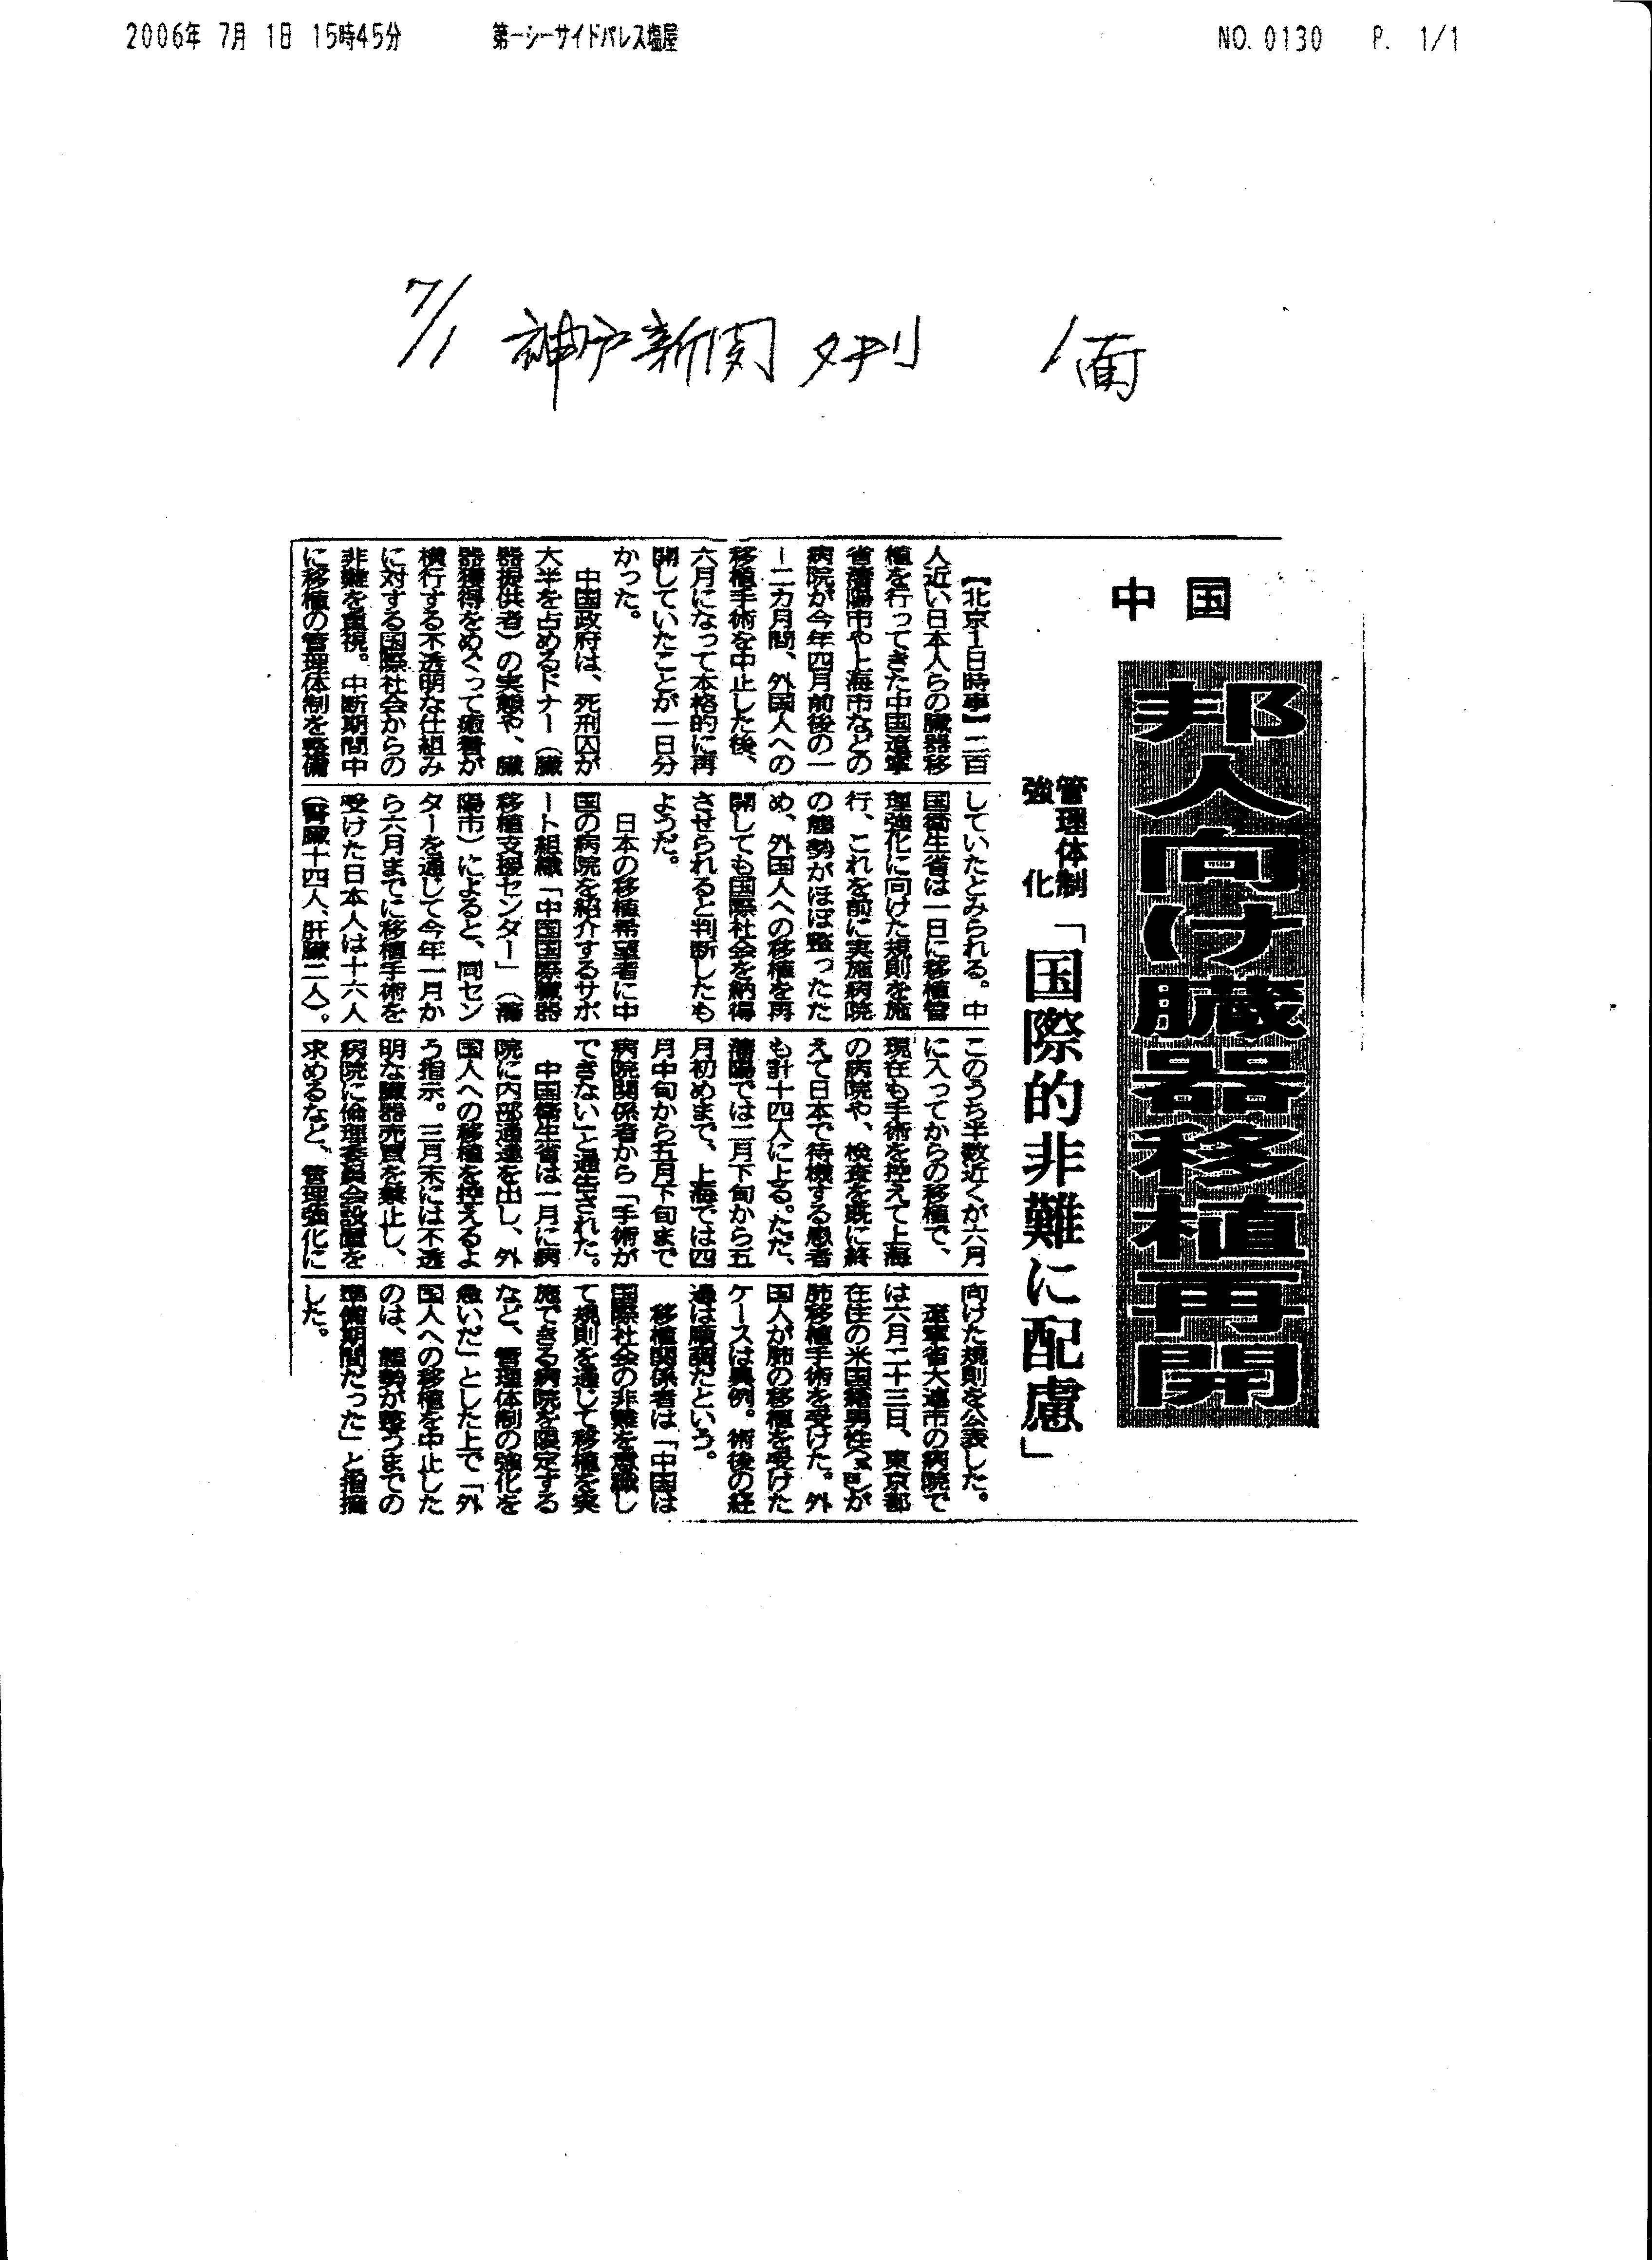 dsc_6397-676x450